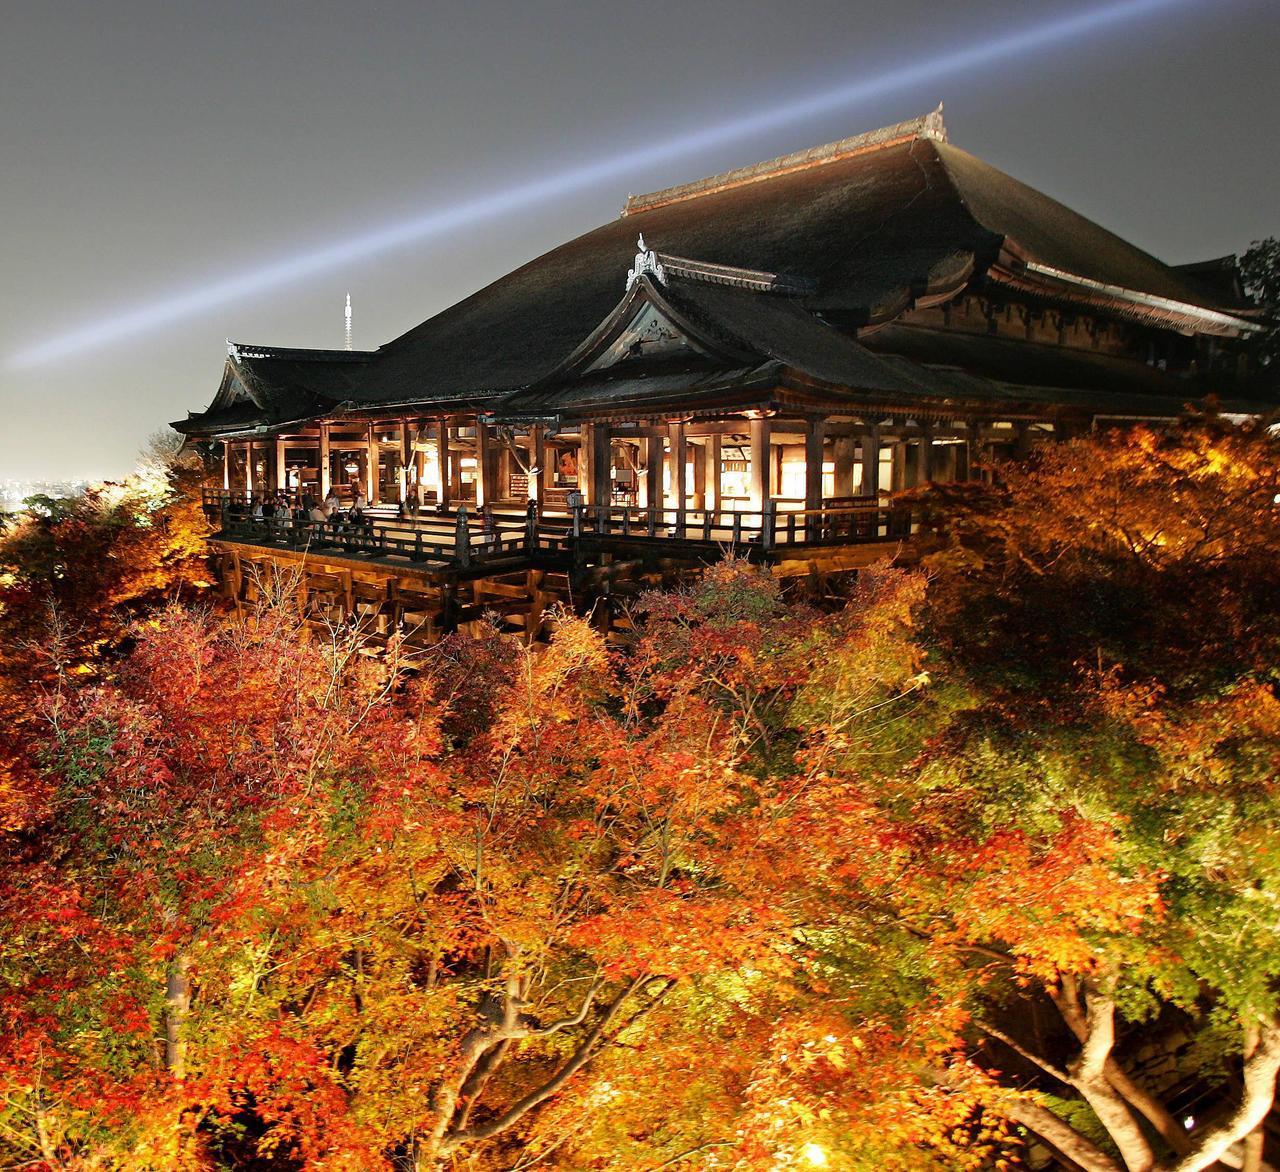 京都外籍客少9成 仍奪最有魅力城市